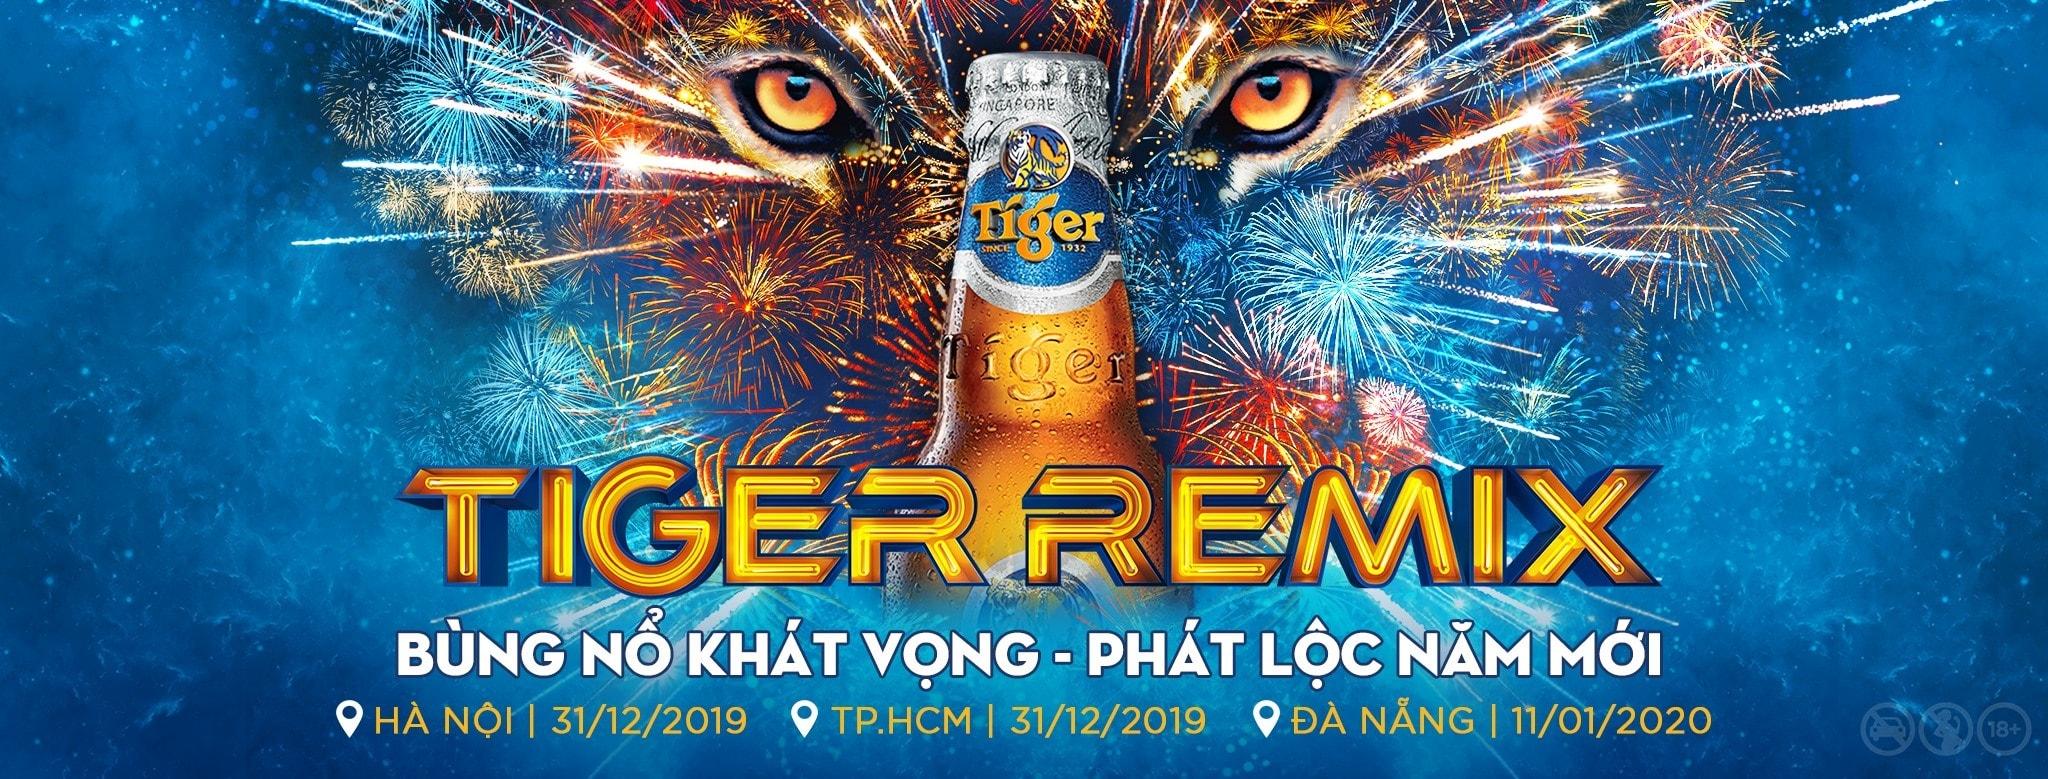 countdown tiger remix 2020